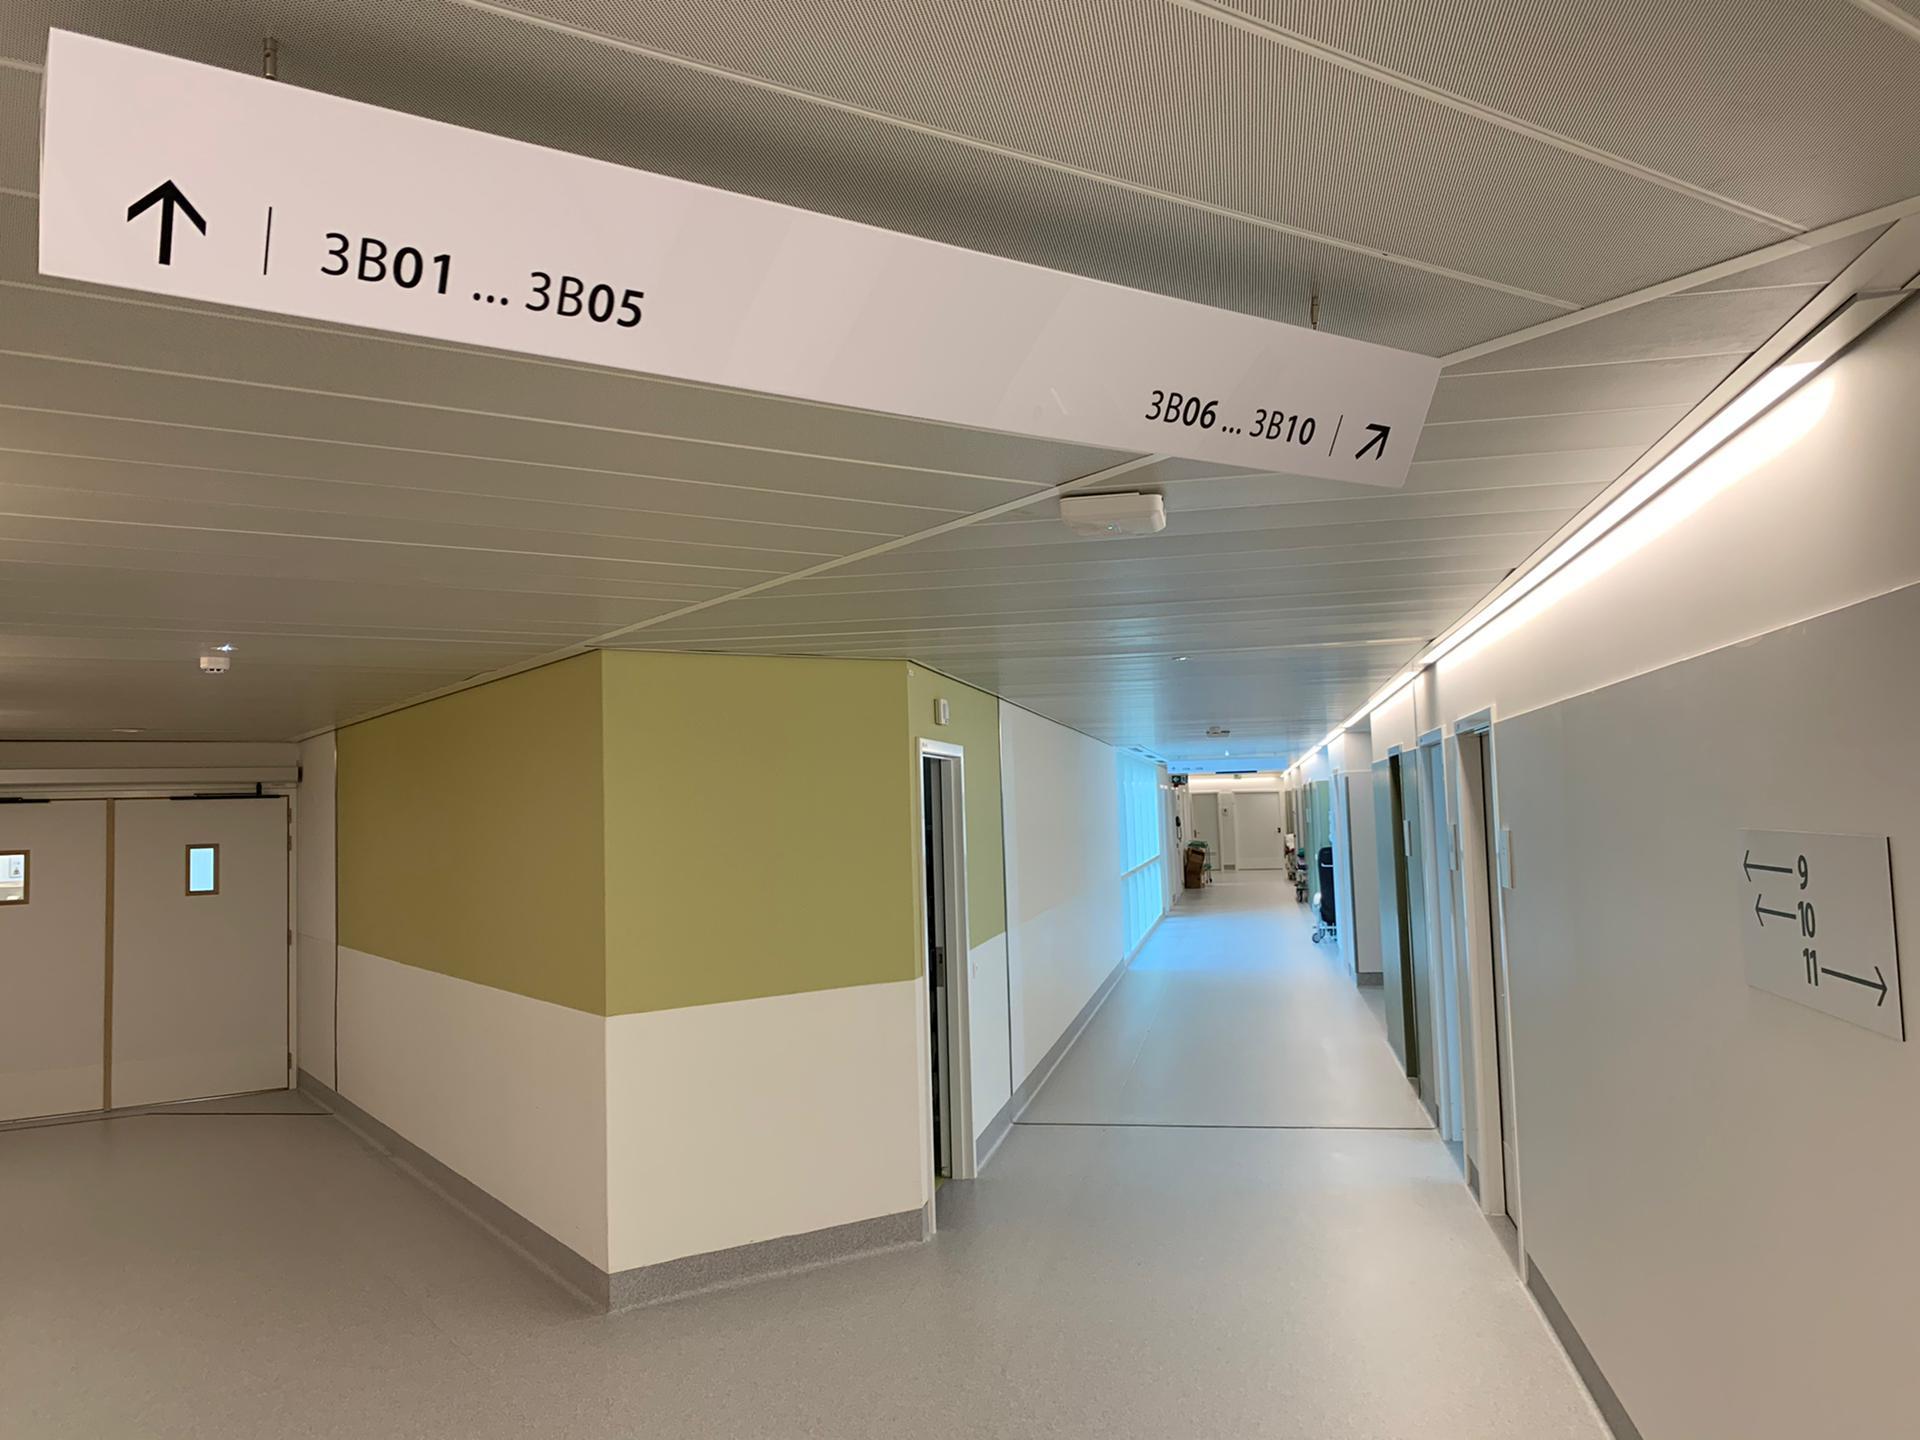 Interne wayfinding ziekenhuis Chirac Delta, wegwijzerborden door Actual Sign, member of the Remotec Group